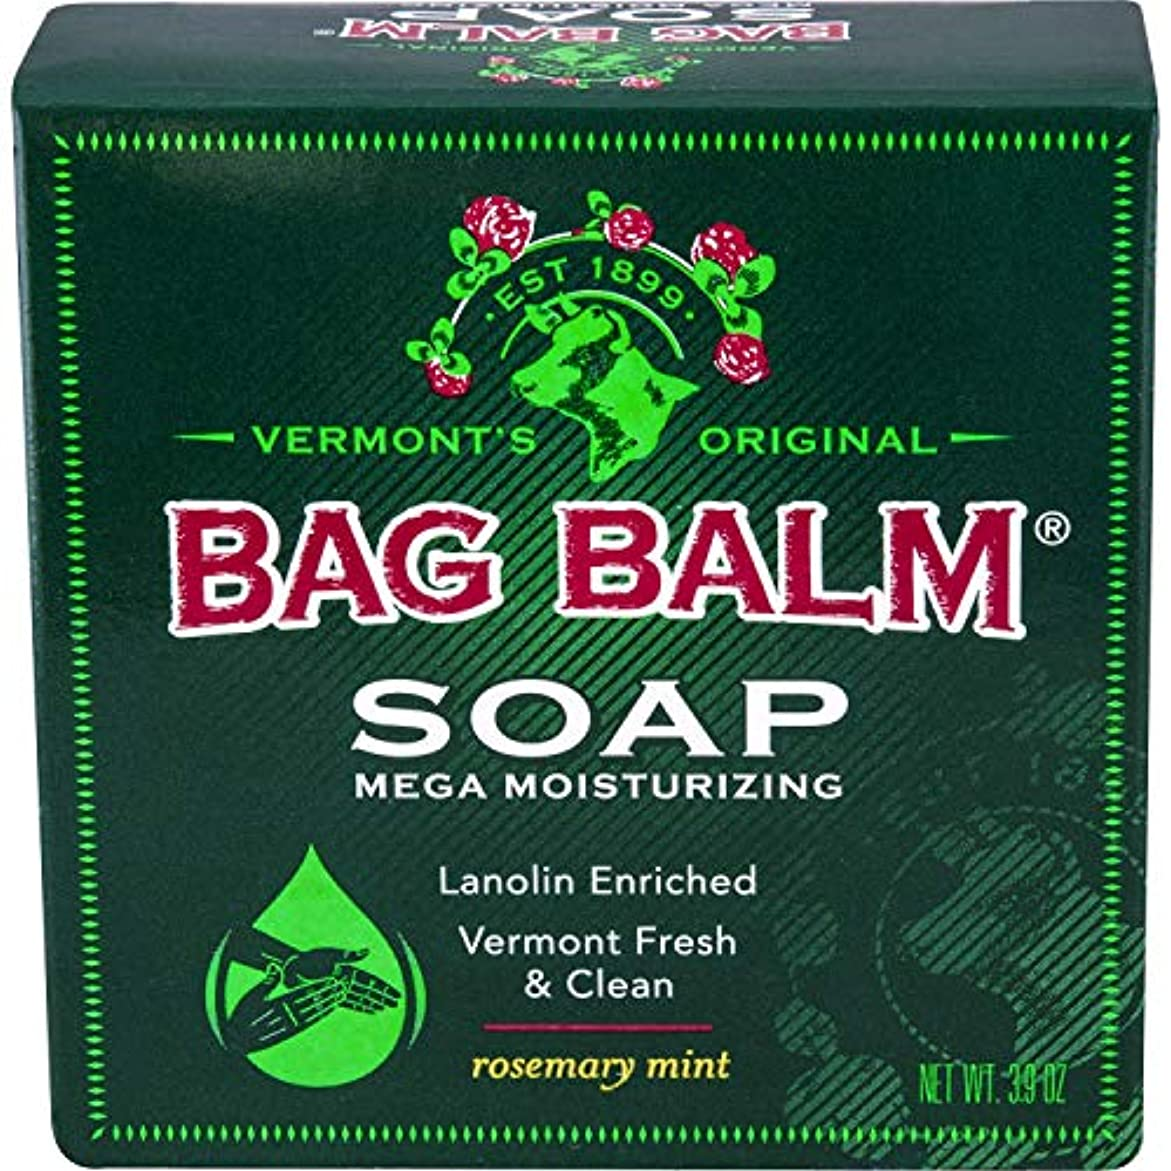 ネーピア節約傀儡Bag Balm メガモイスチャーソープローズマリーミント3.9オンスのバー(2バリューパック)